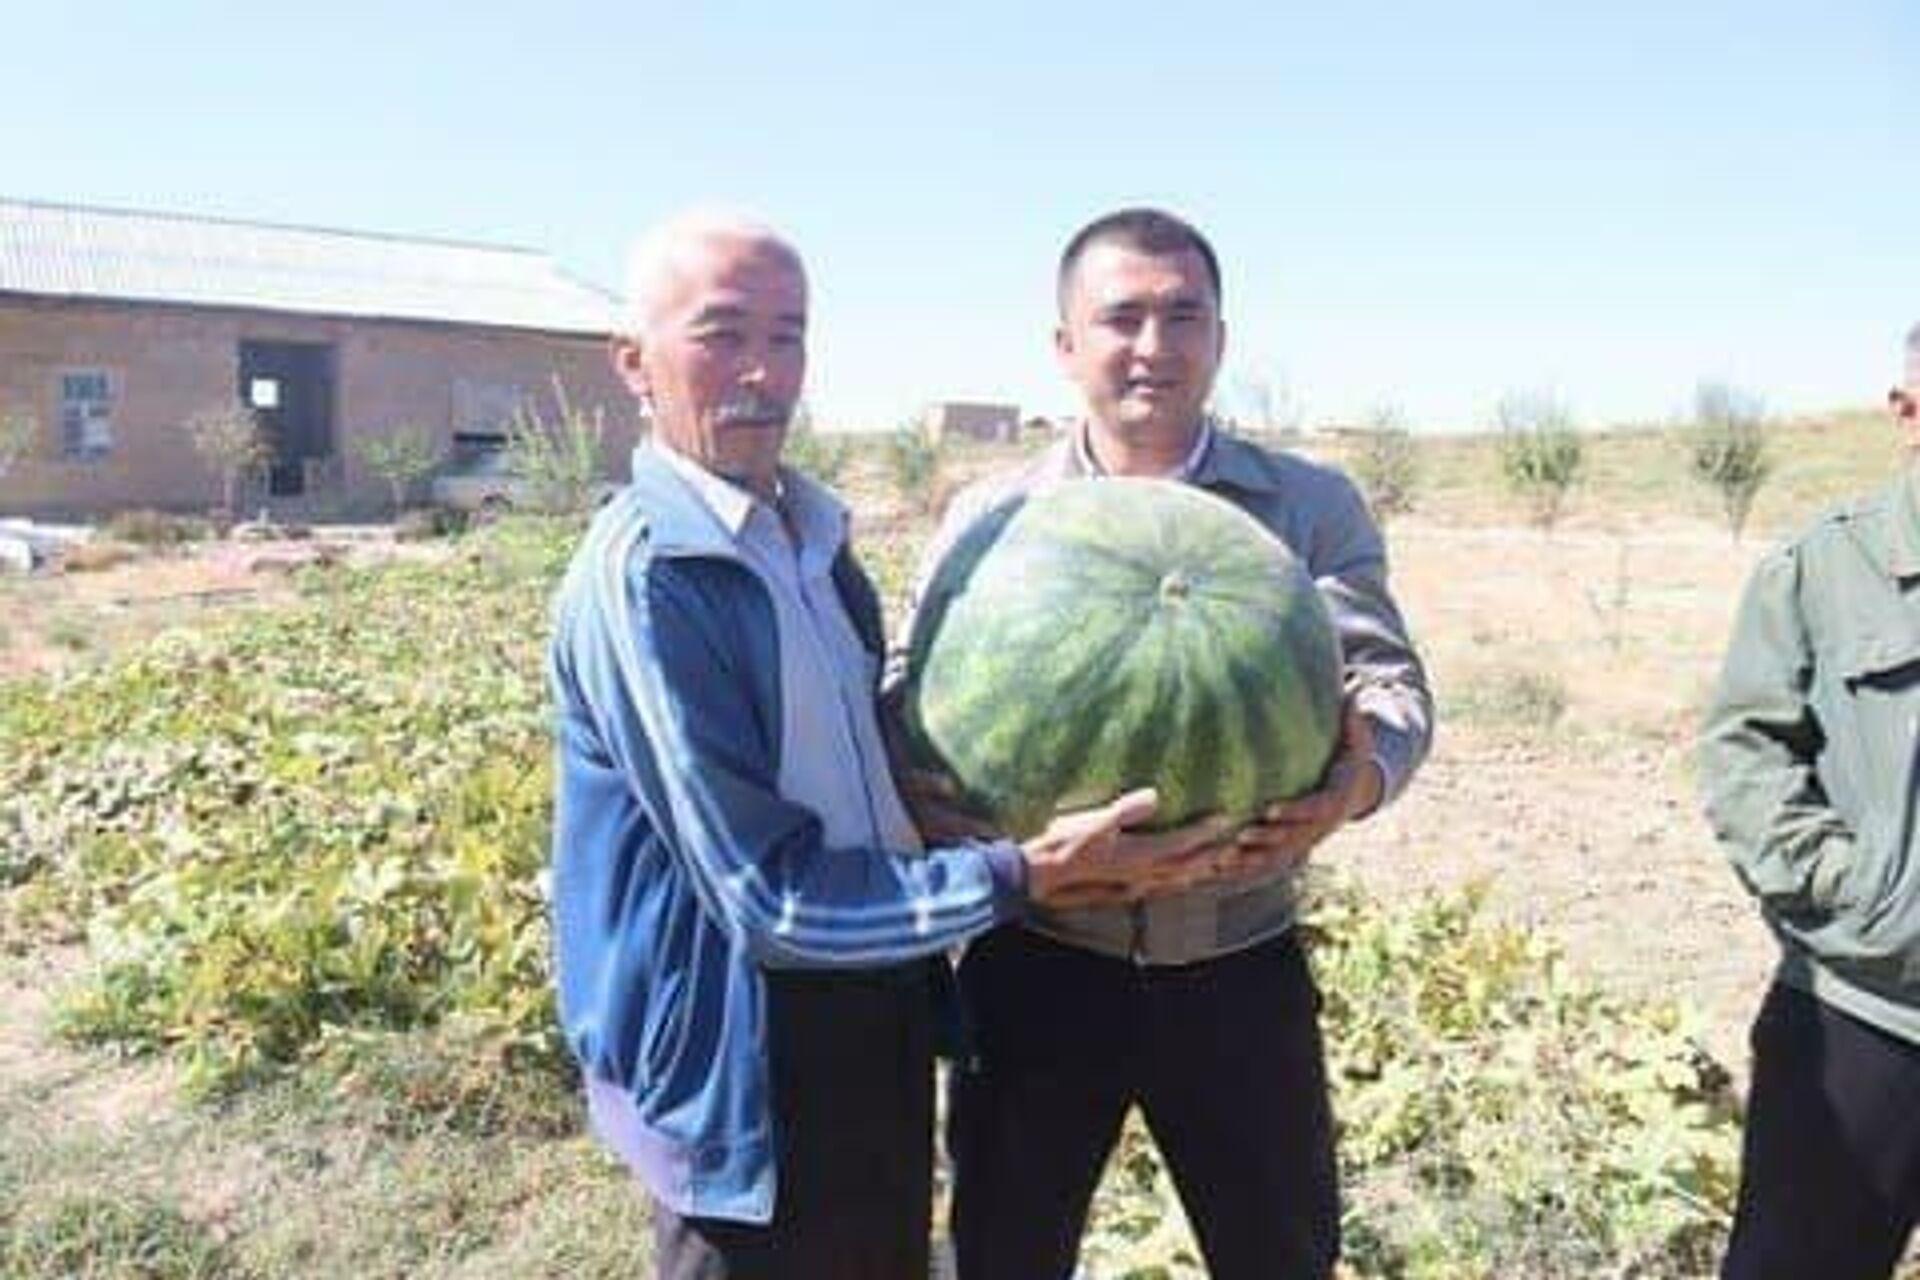 В Самарканде фермеры выращивают крупные арбузы - Sputnik Узбекистан, 1920, 05.10.2021